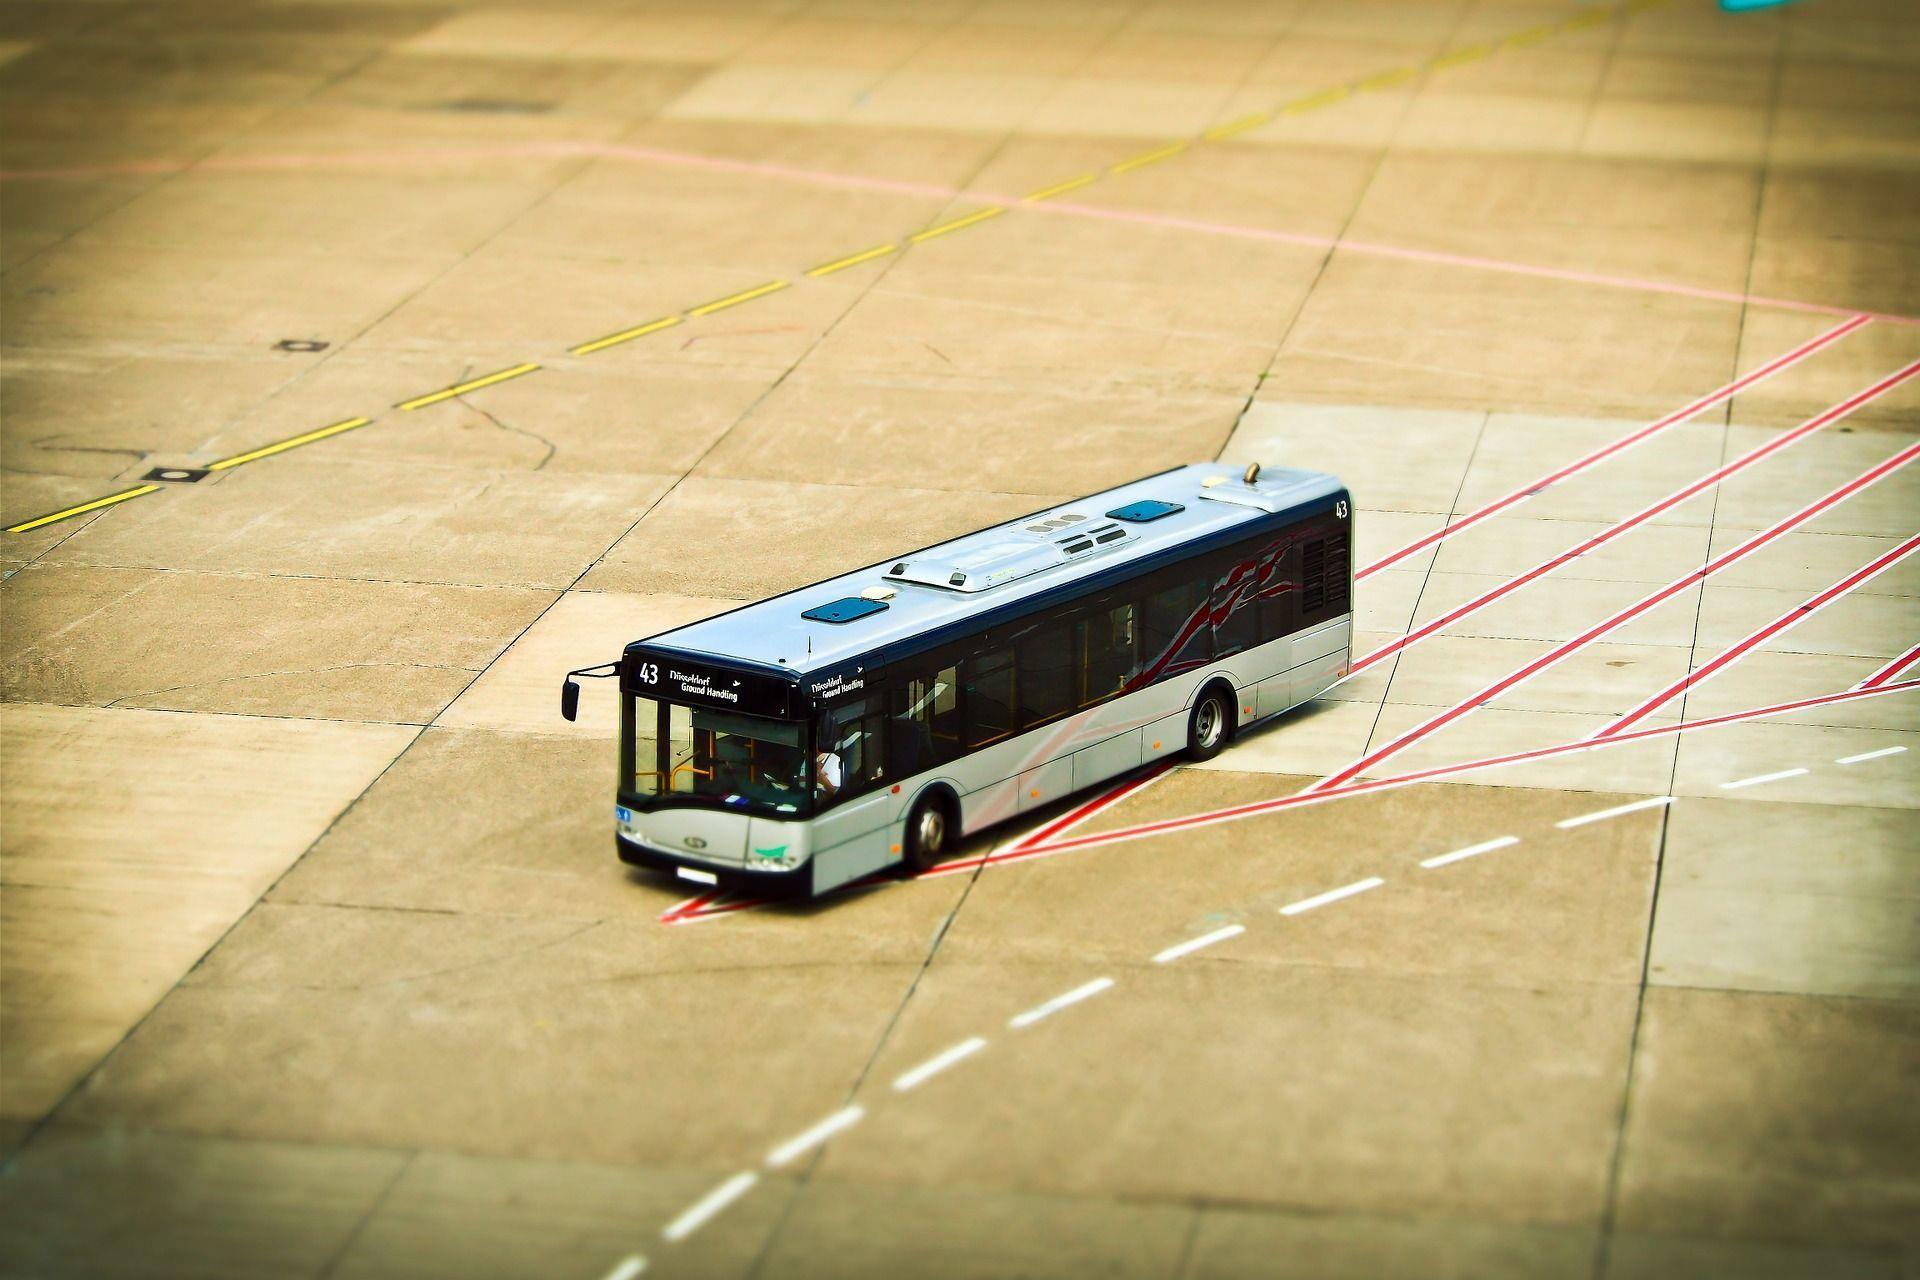 mid Groß-Gerau - Der Vorfeldbus auf dem Flughafen: Für viele Passagiere macht er sich auf den Weg der Leiden.